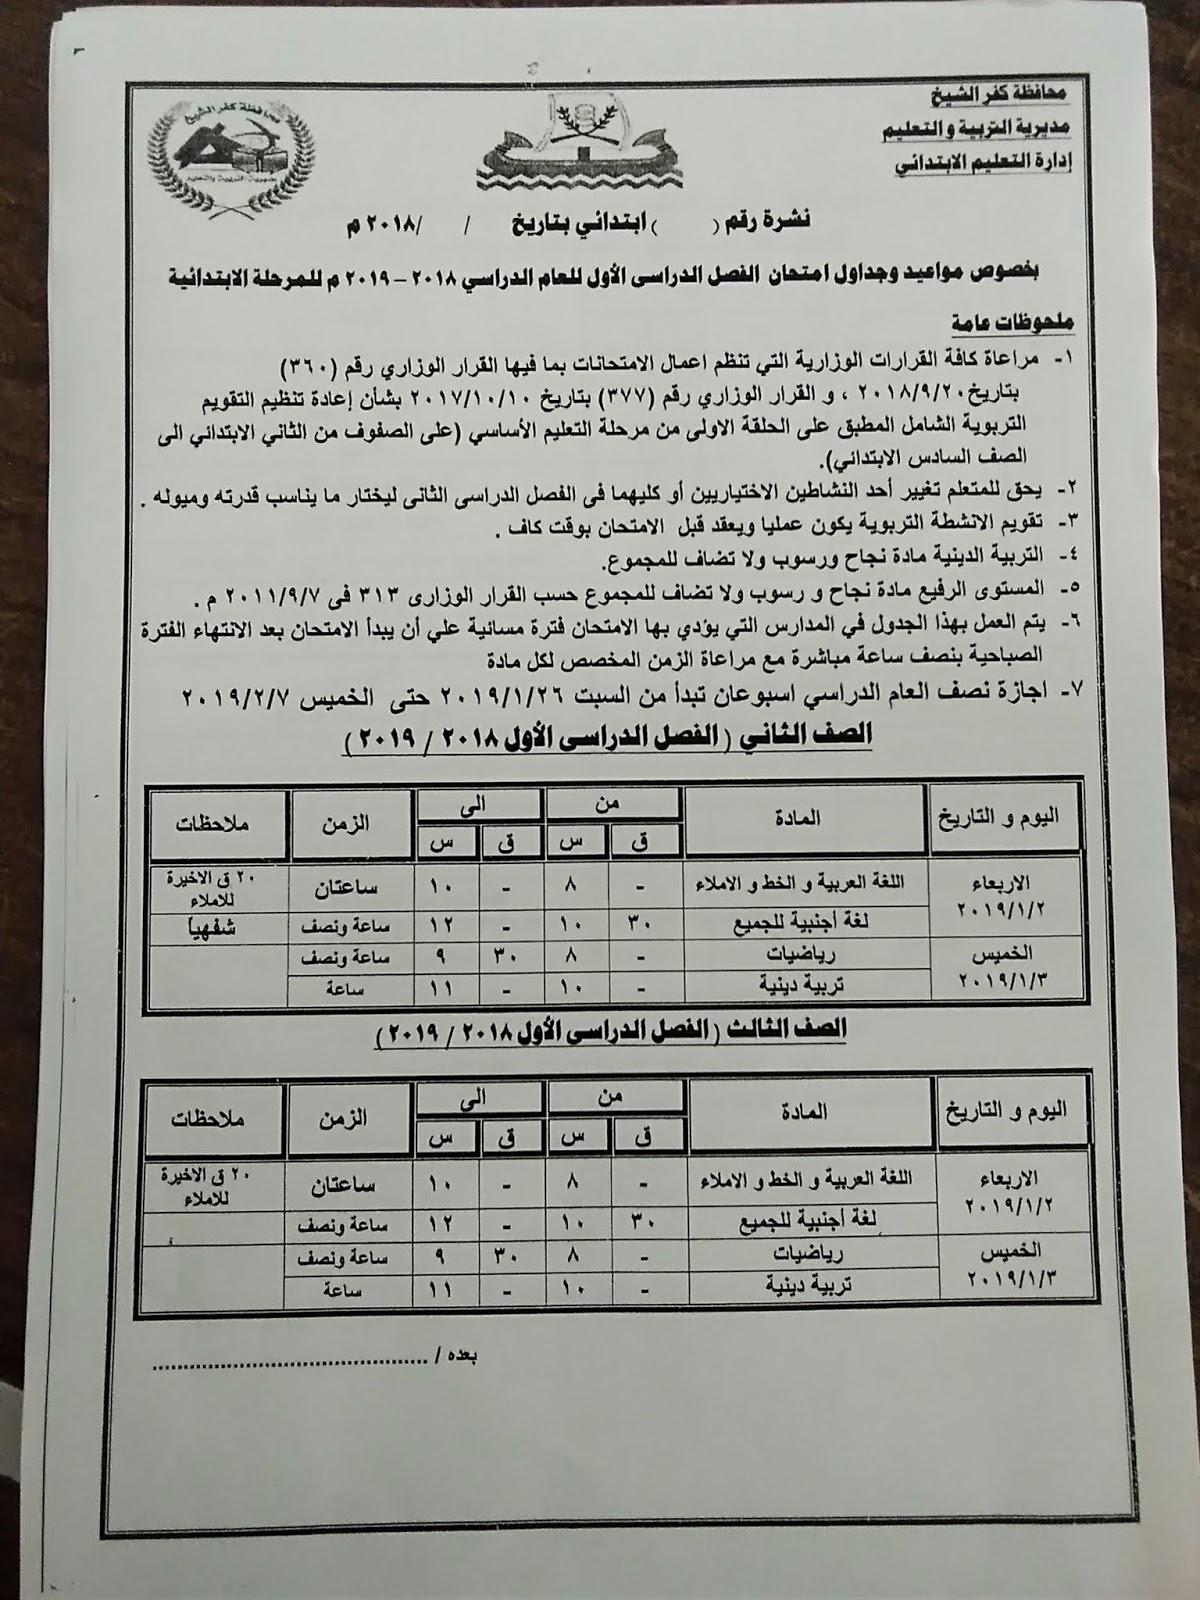 جداول امتحانات نصف العام الترم الأول محافظة كفر الشيخ جميع الصفوف 2019